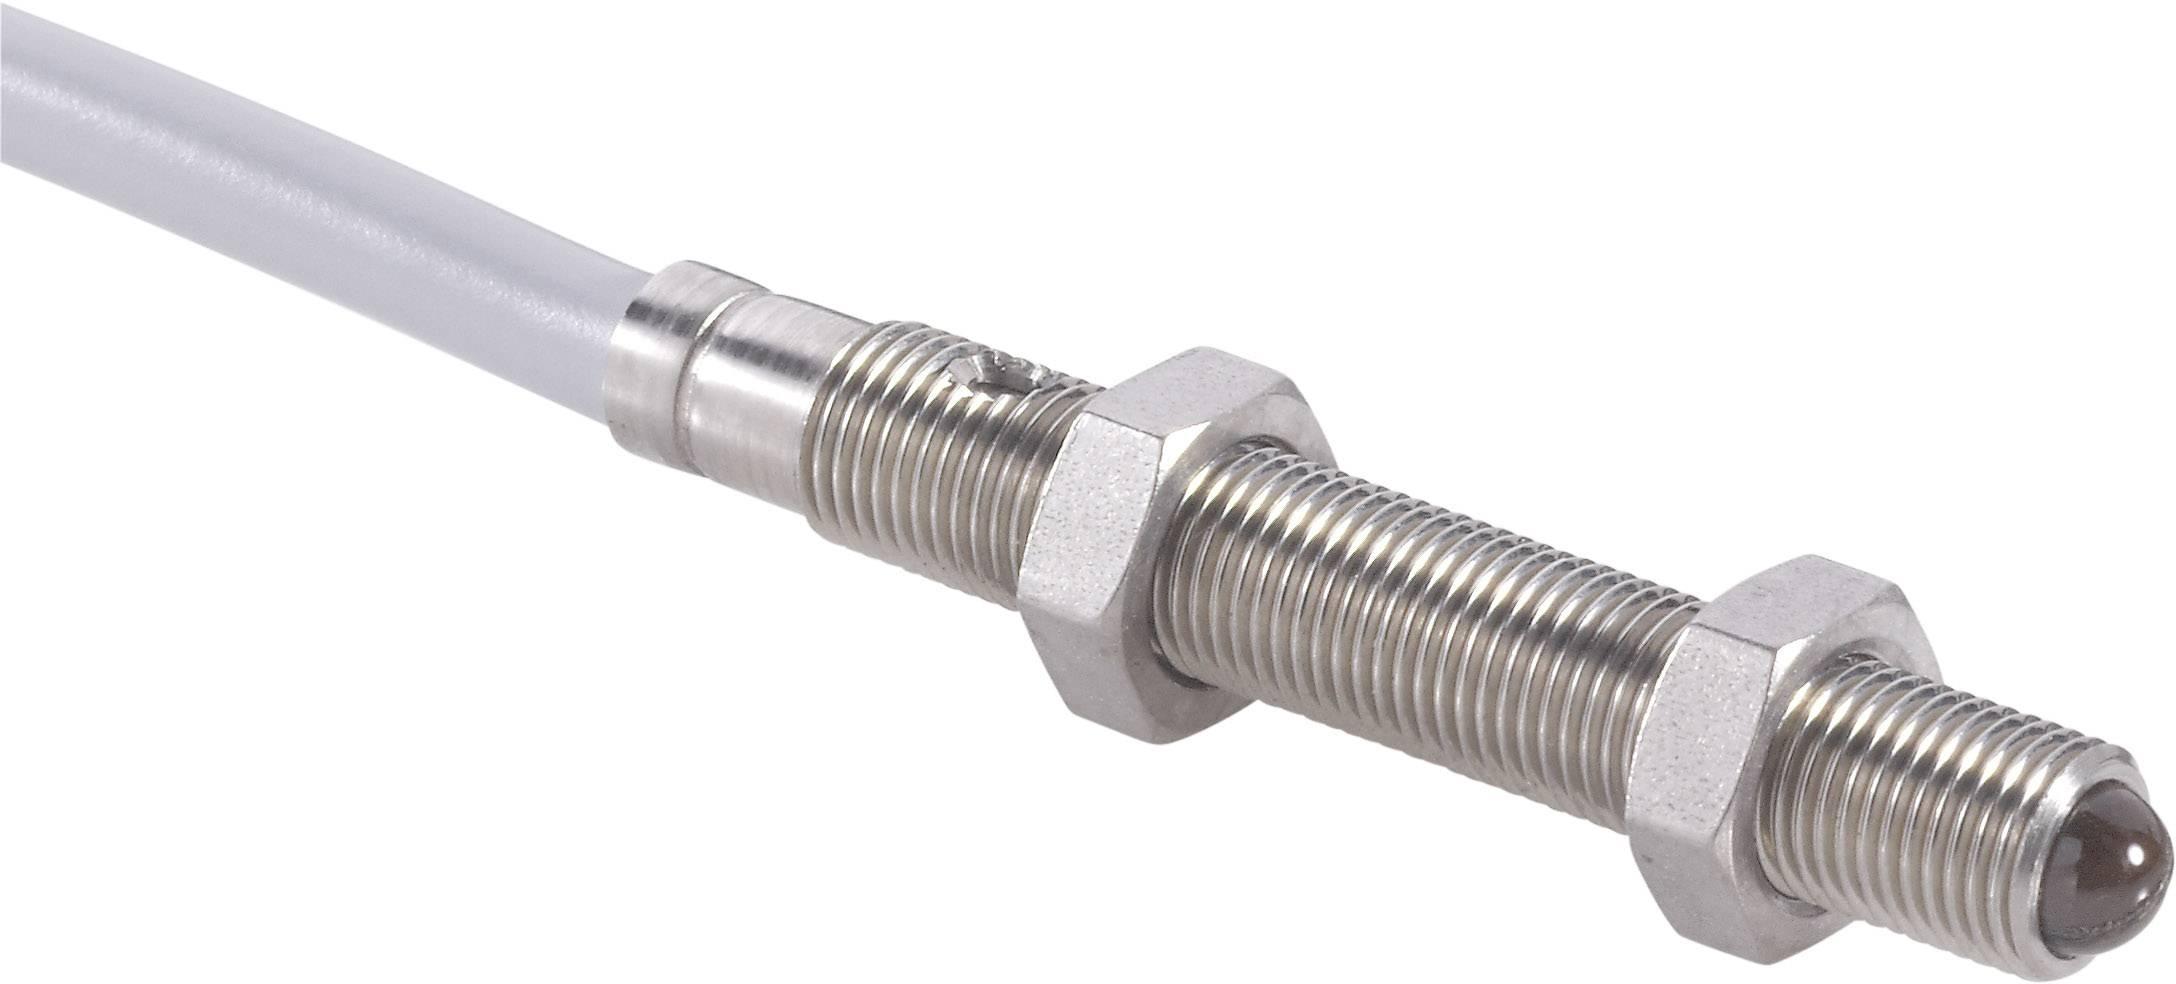 Miniaturní reflexní optický snímač Contrinex LTK-1050-303-506, kabel 2 m, dosah 20 mm